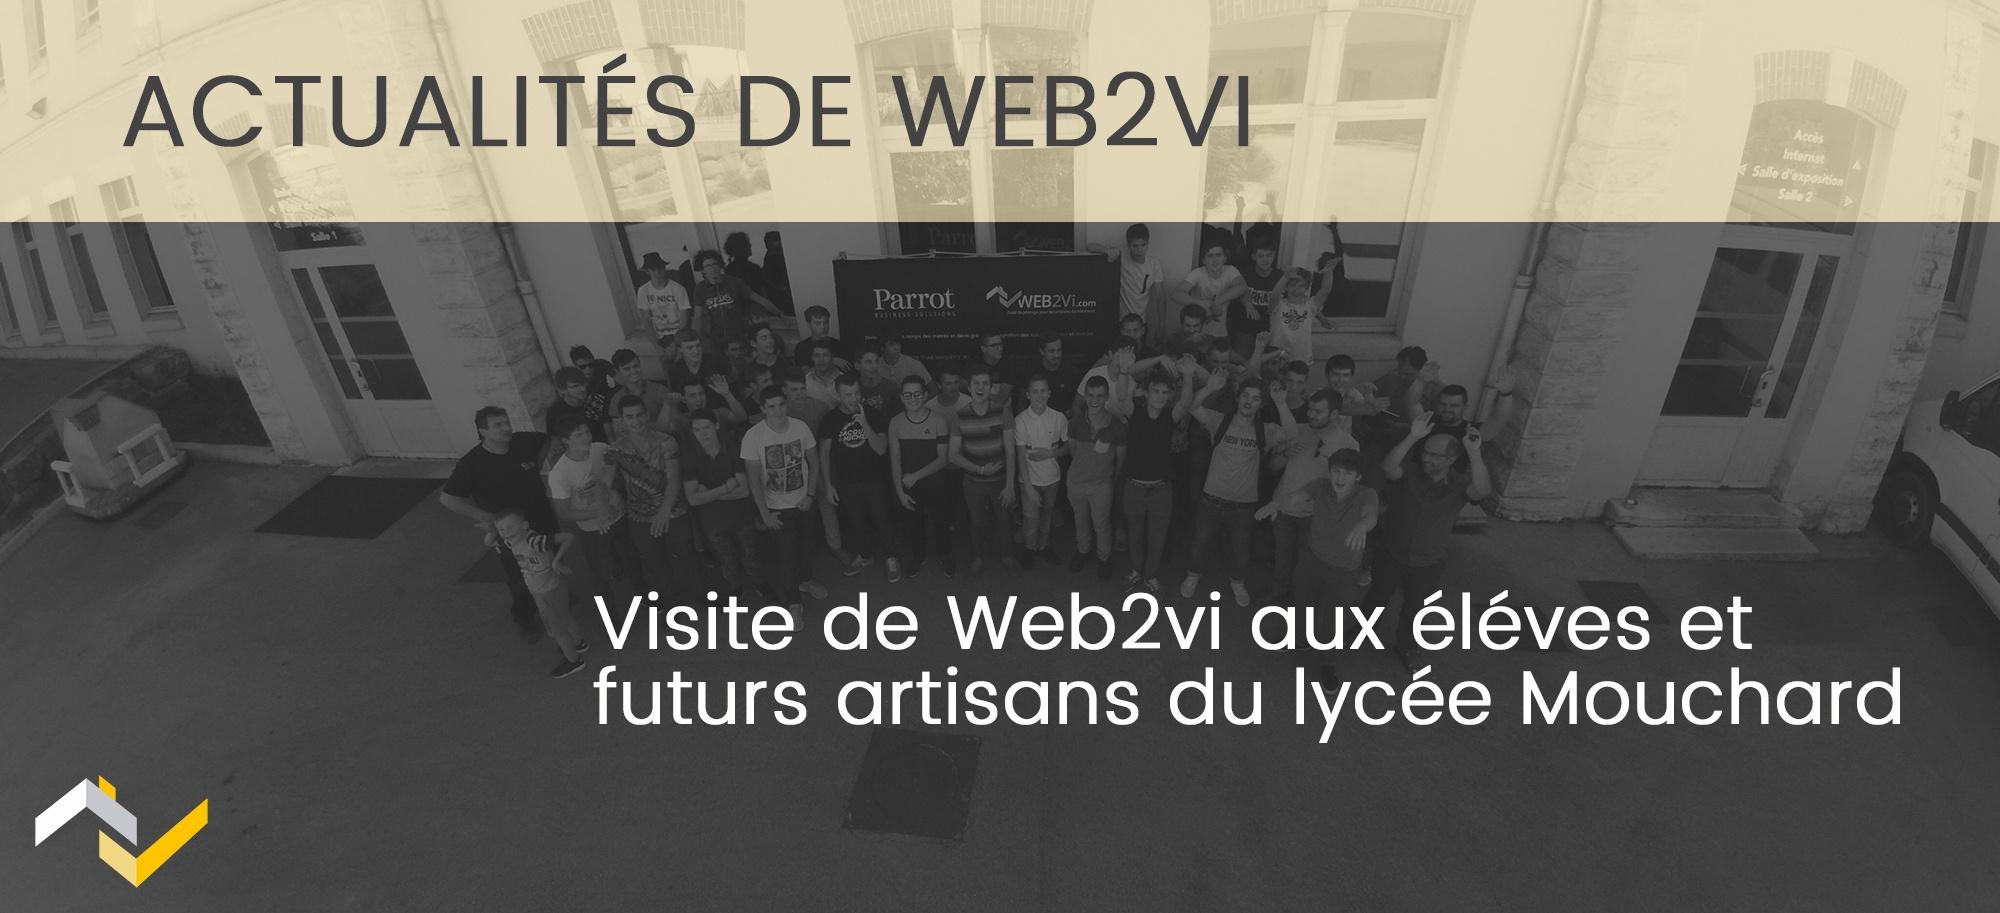 Visite du lycée Mouchard et introduction à l'artisan 2.0 par Web2vi